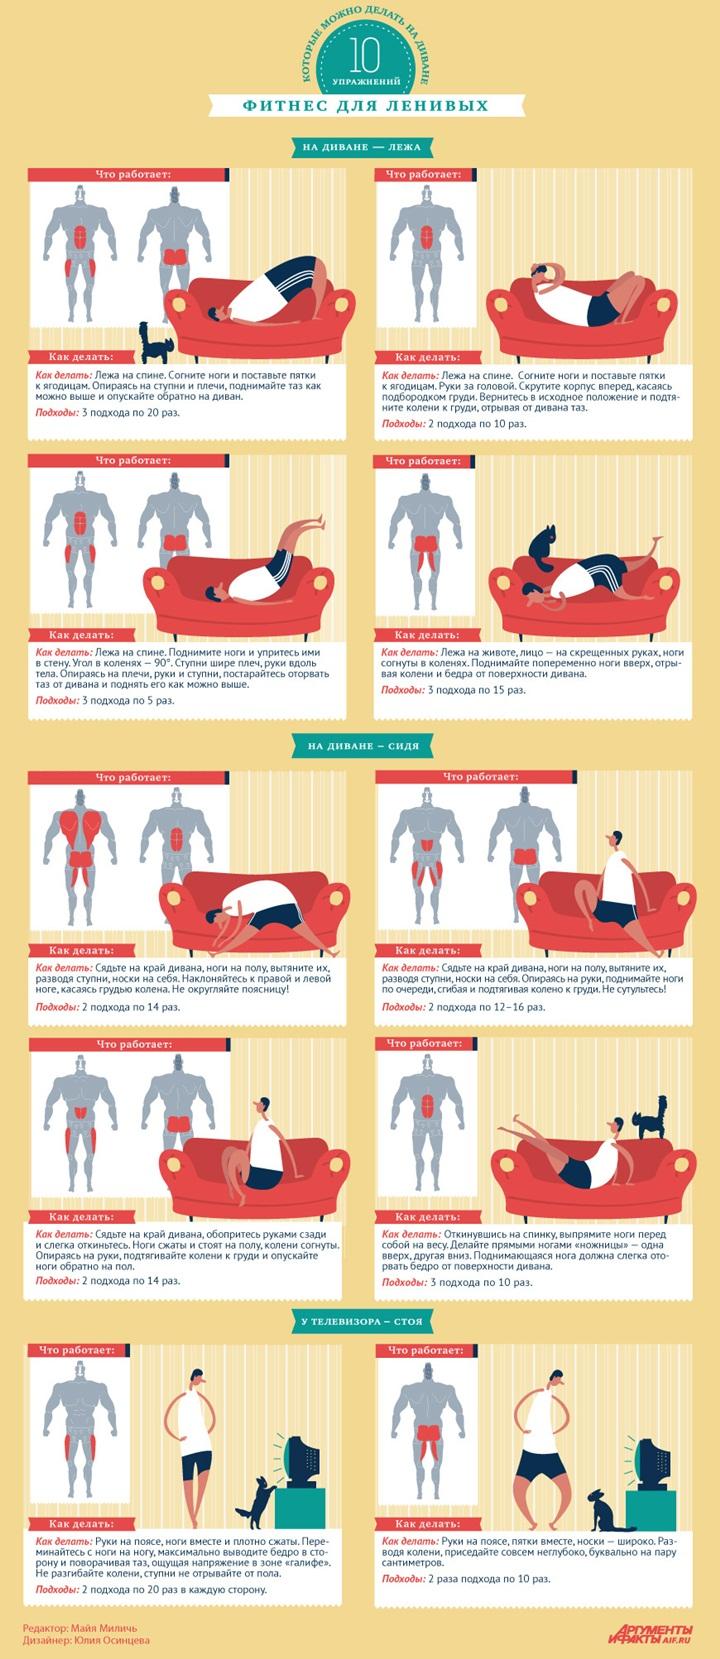 Тренировки для ленивых: занятия спортом перед телевизором